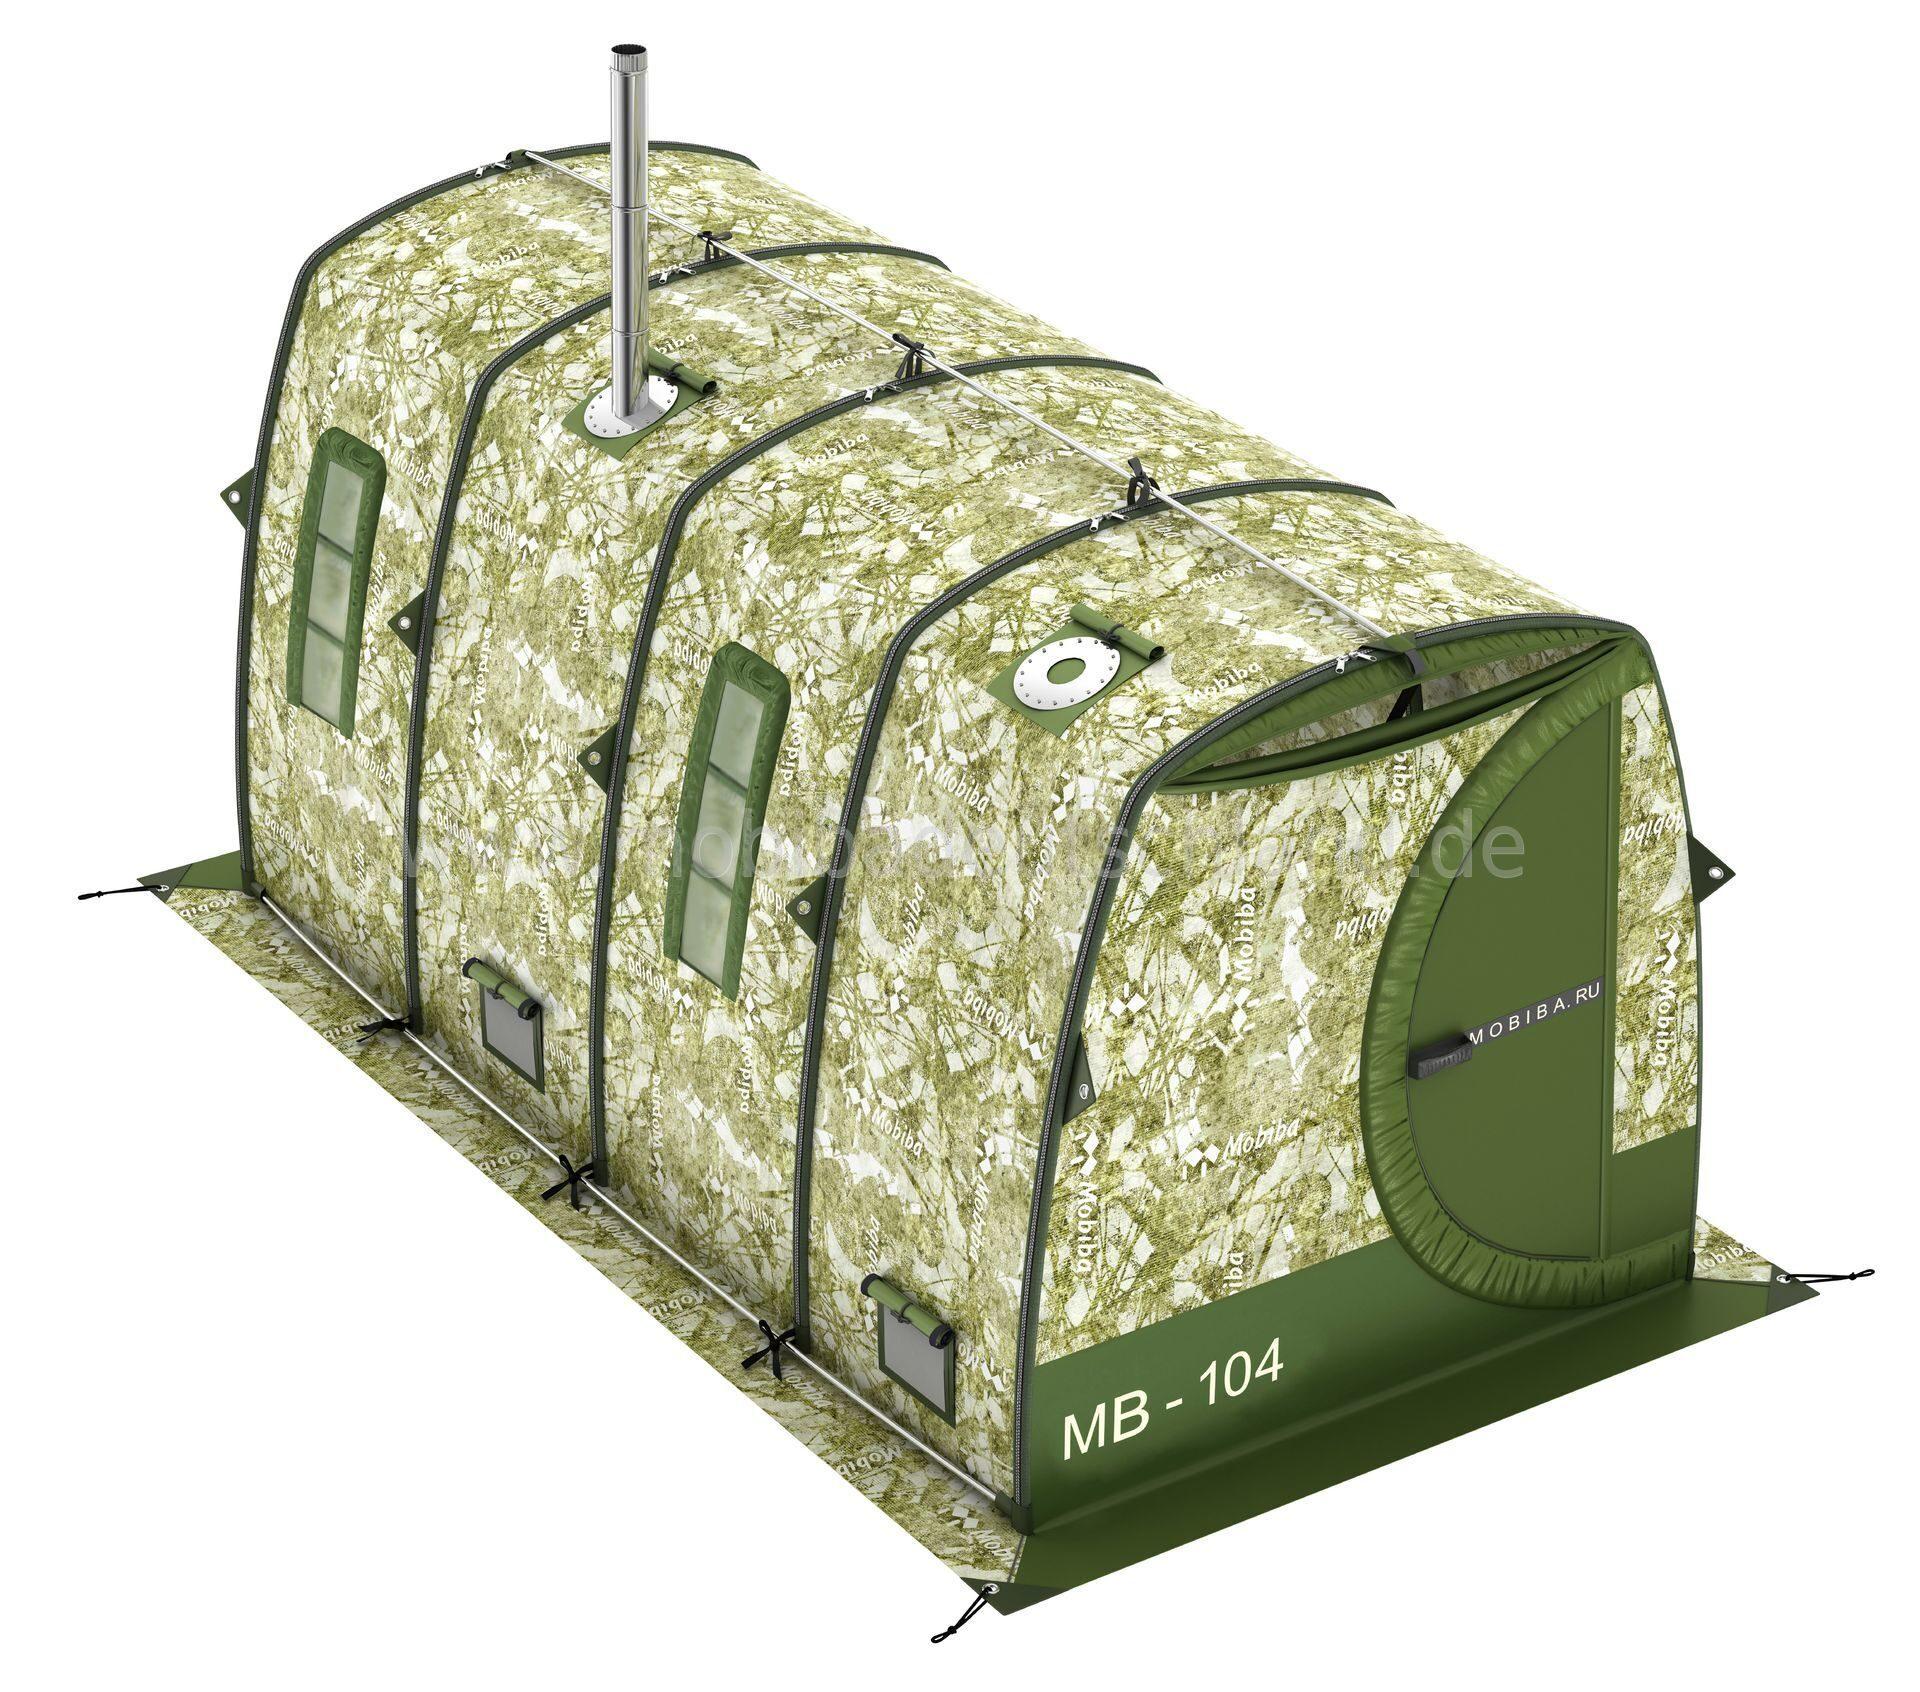 sauna kaufen preise sauna kaufen preise with sauna kaufen. Black Bedroom Furniture Sets. Home Design Ideas